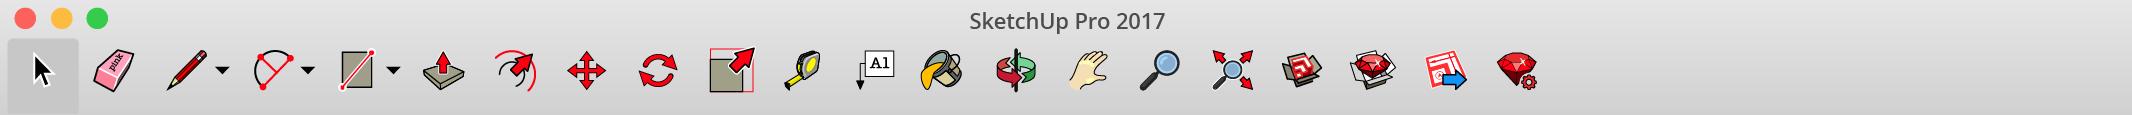 sketchup-pro-2017-ui-toolbar